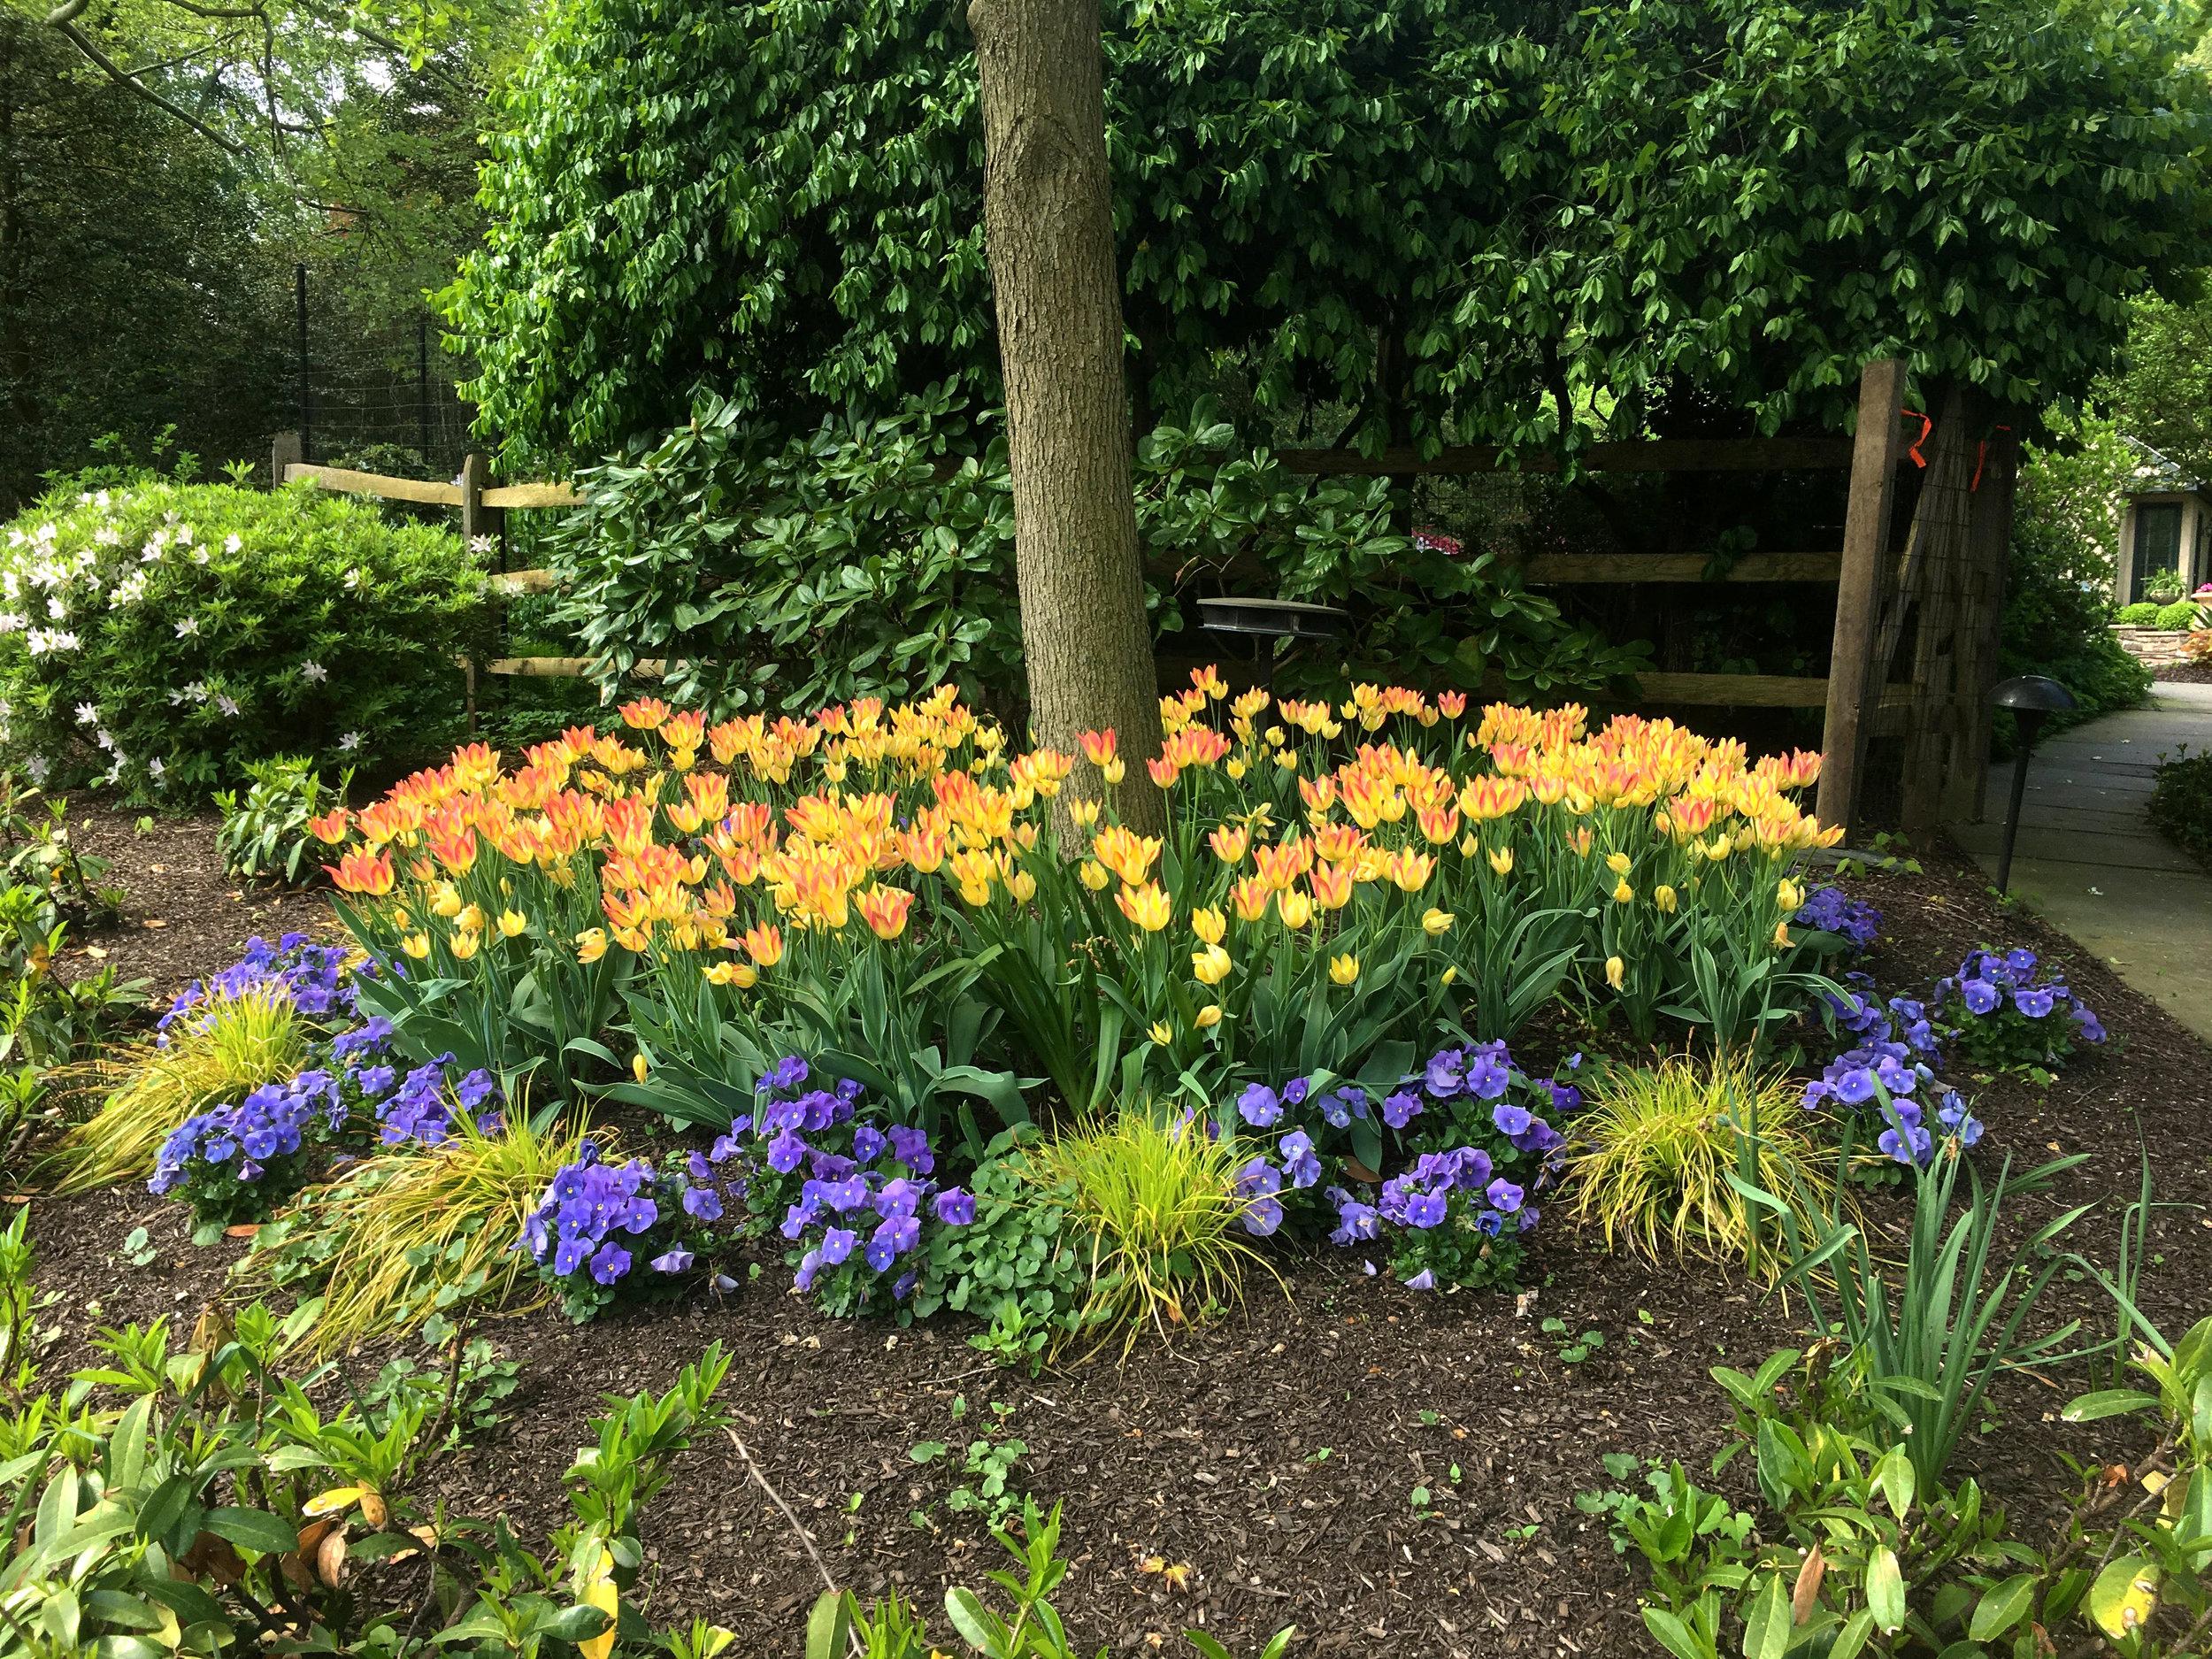 Tulips_pansies_spring_01_20190223.jpg